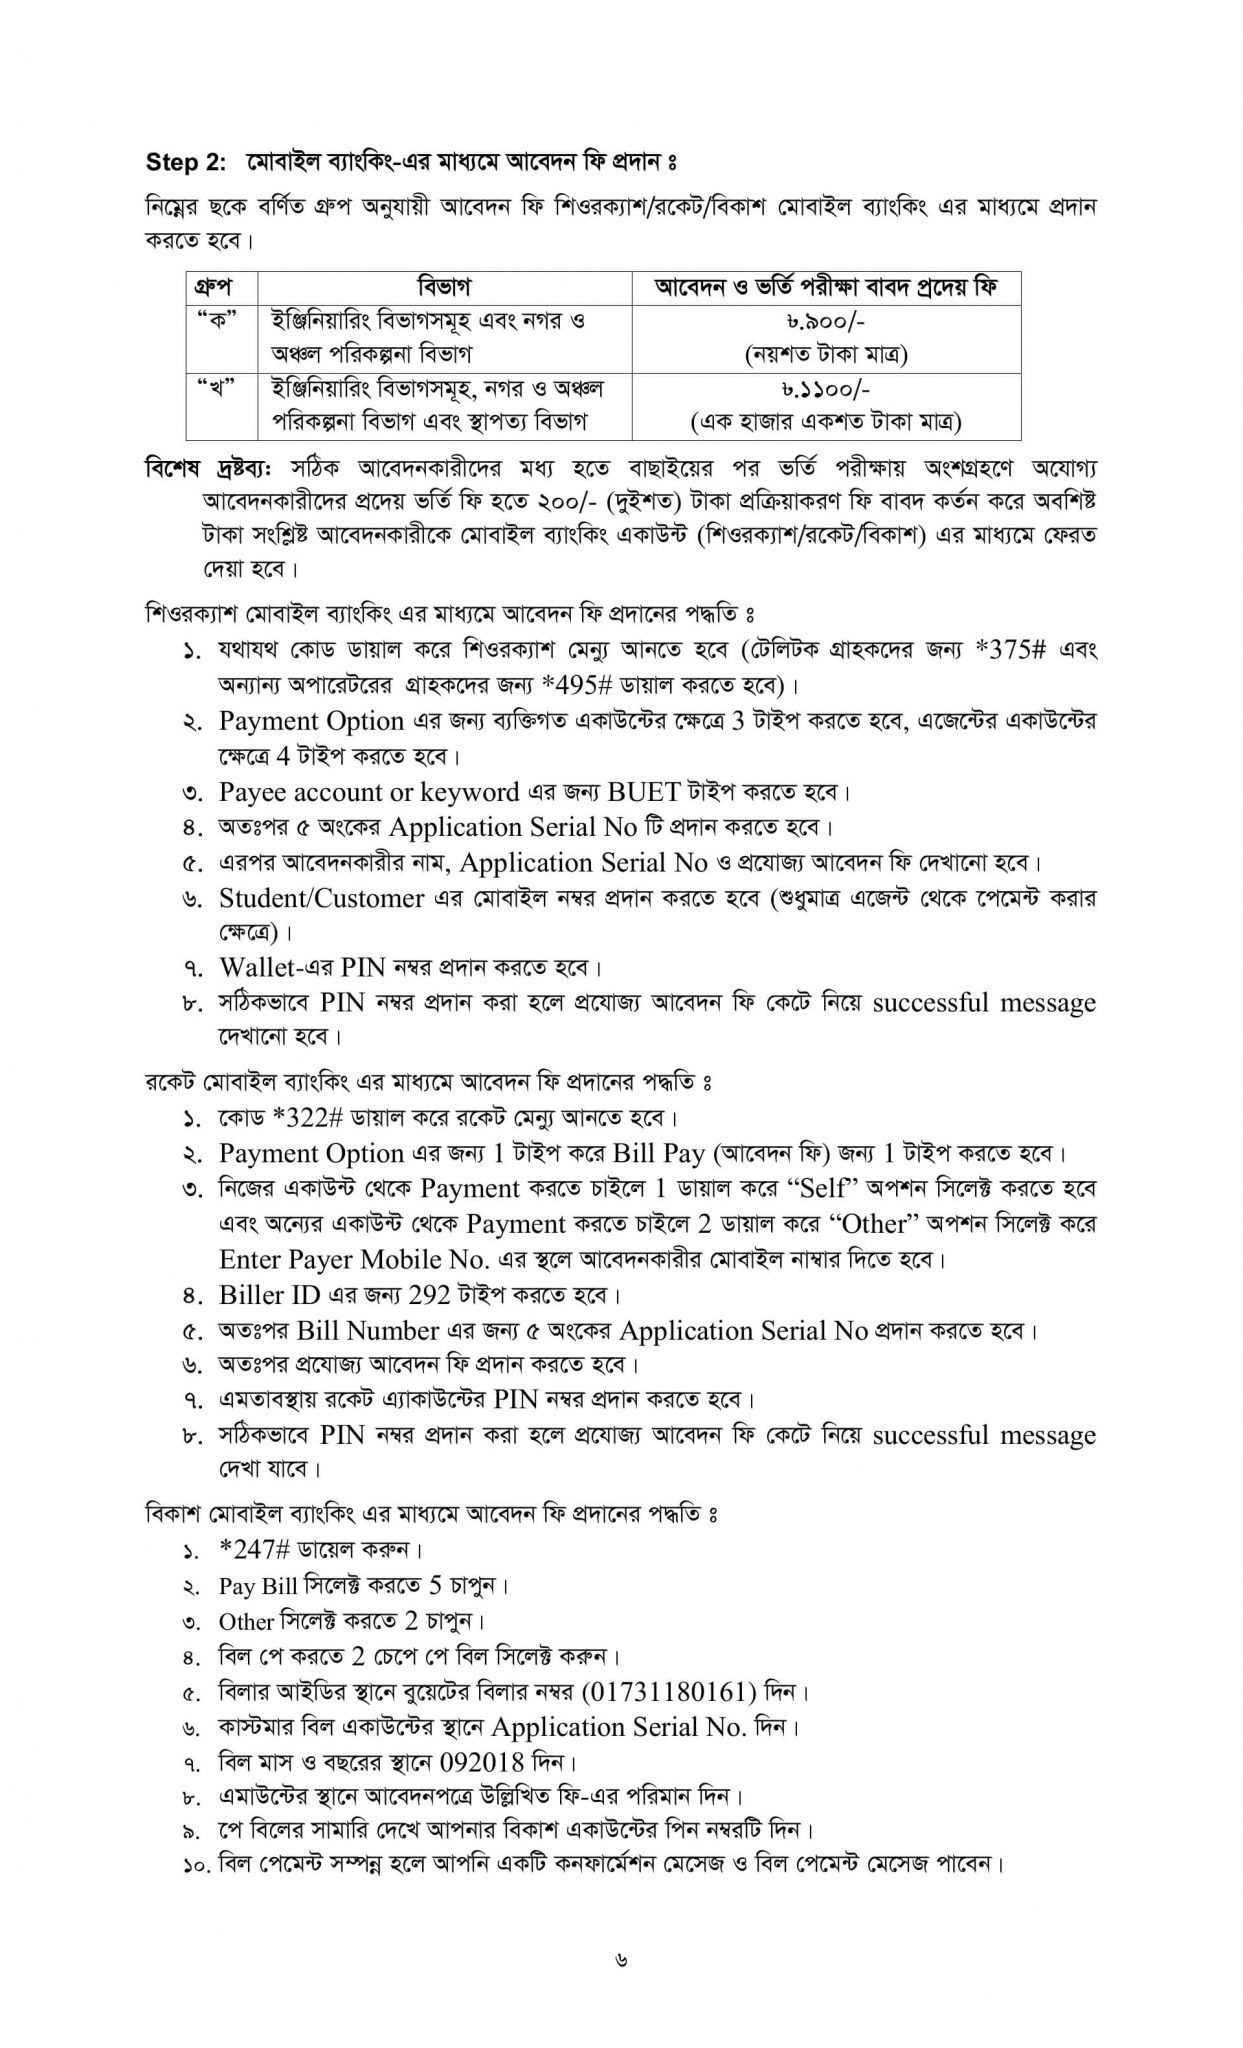 Bangladesh University of Engineering & Technology Admission Guideline-5